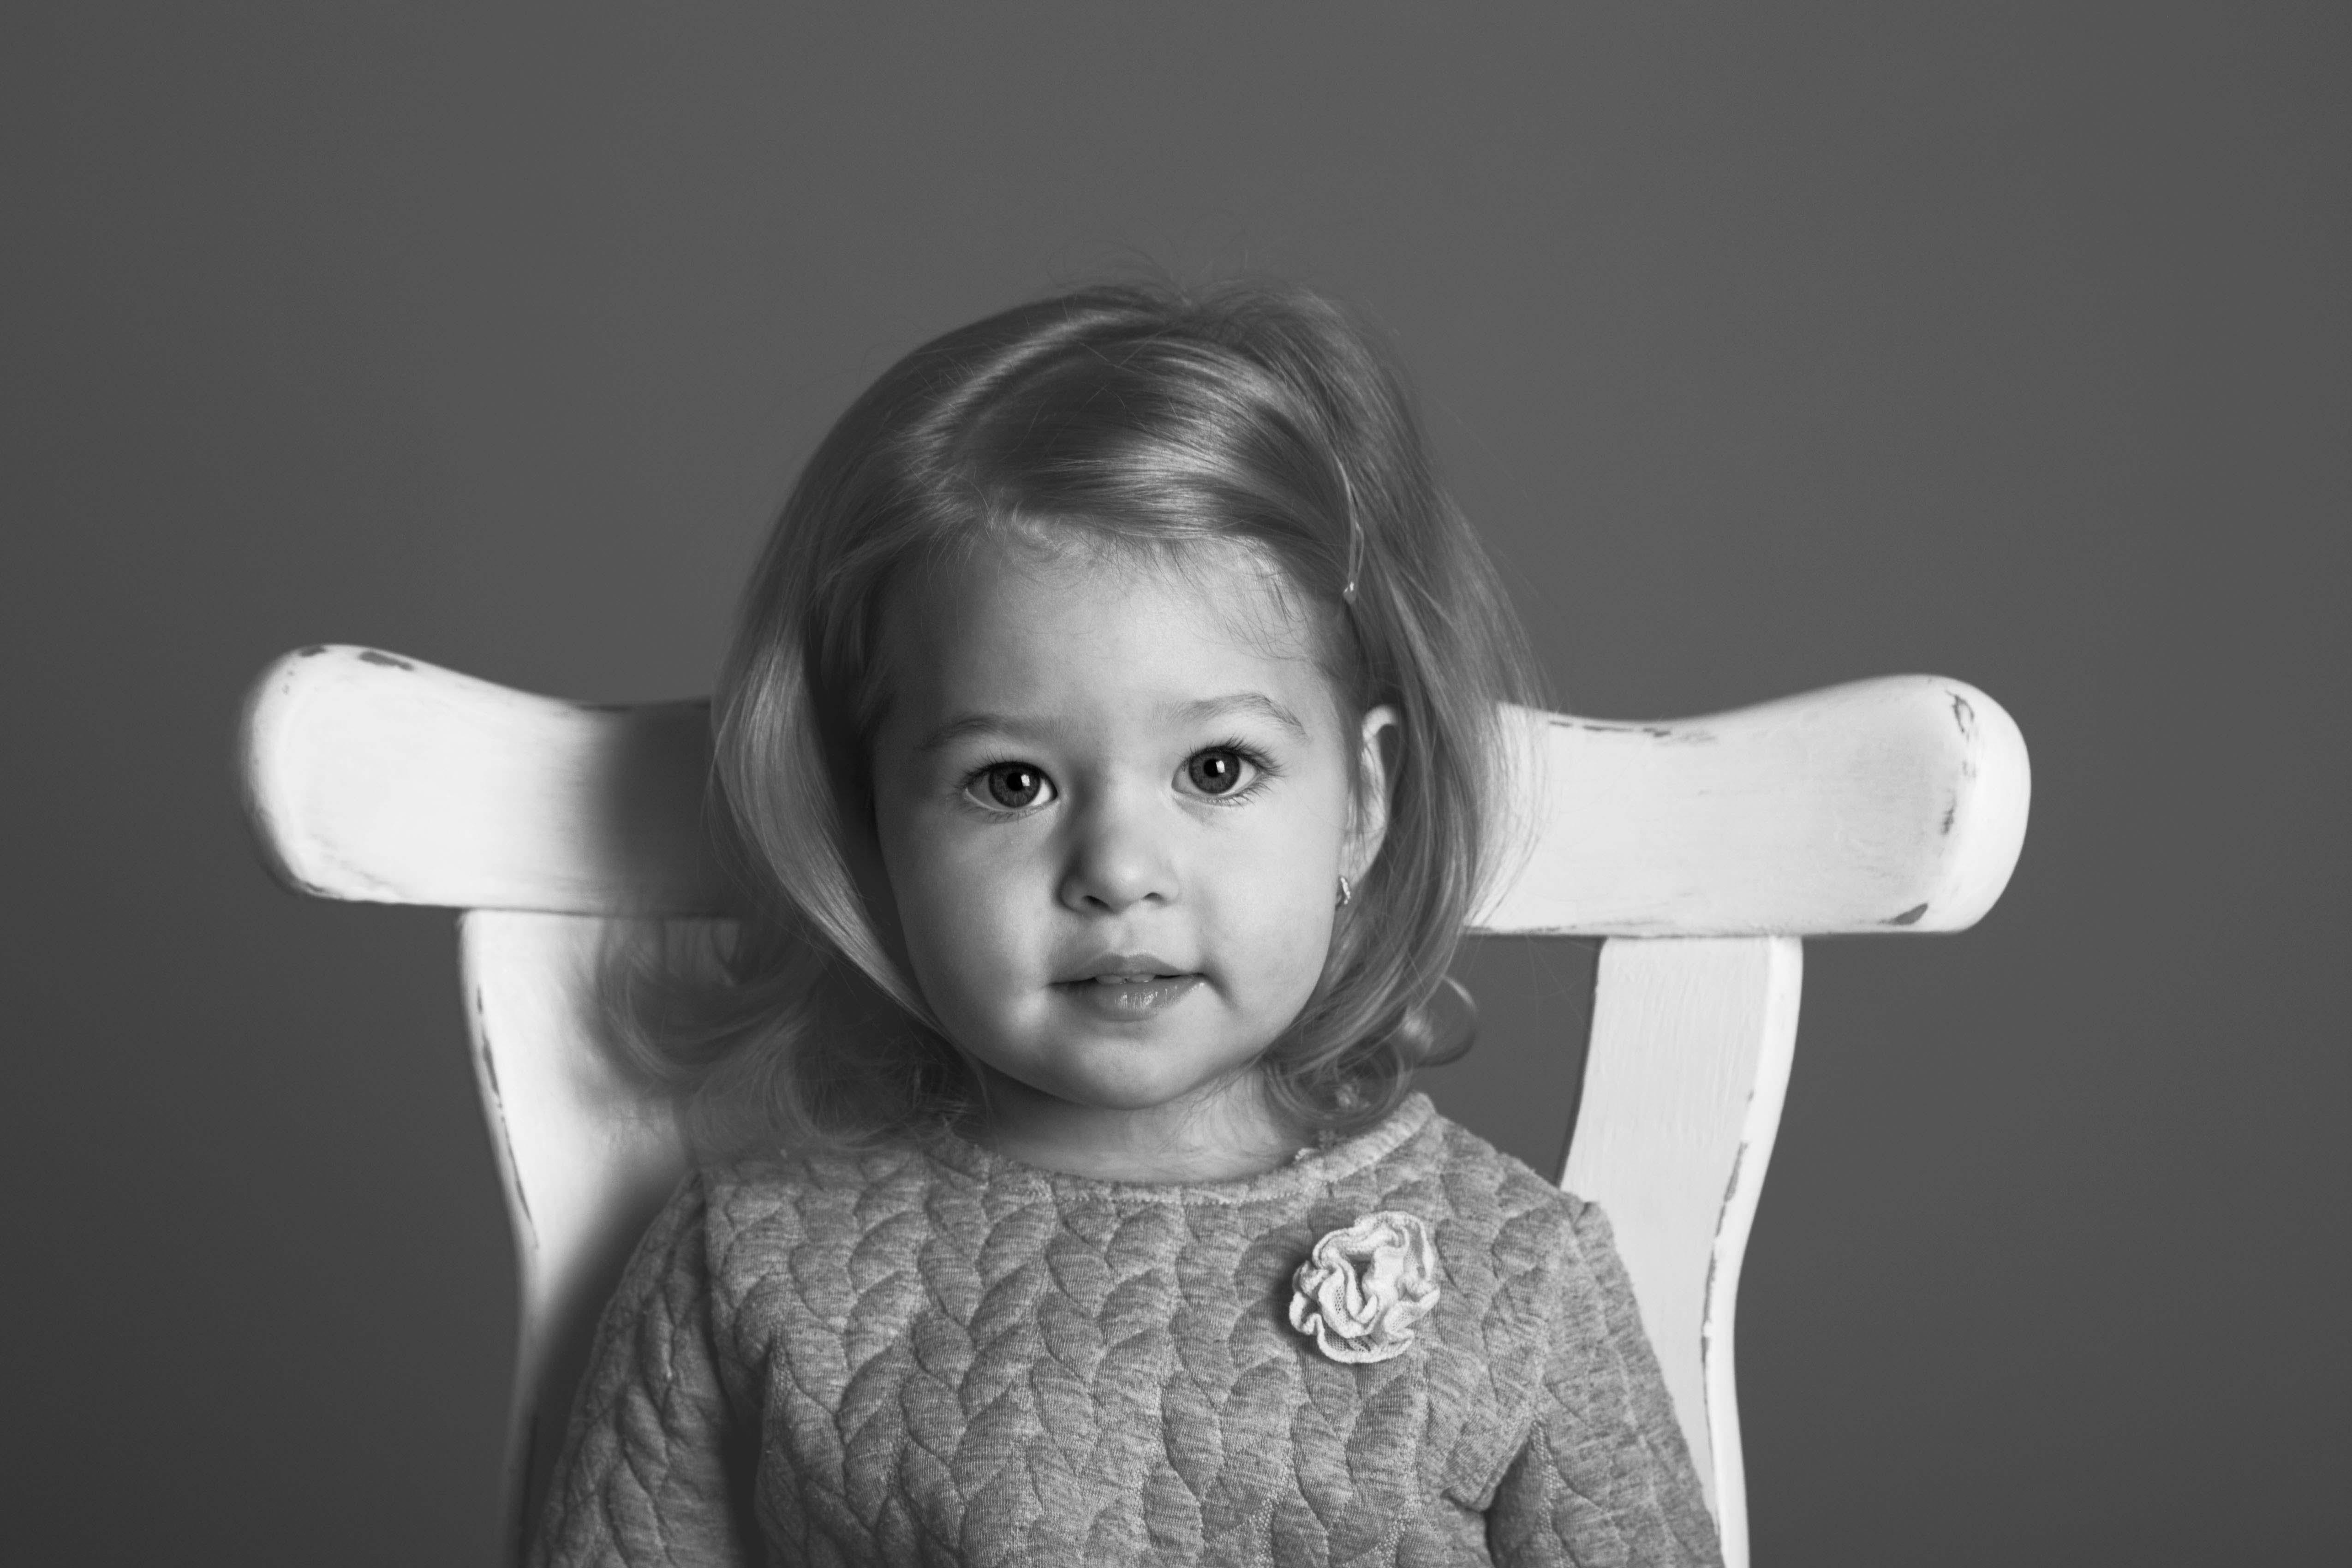 gyerek fotózás Budapest, esztergom, családi fotózás, portré, zugló, kistarcsa, Pilisvörösvár